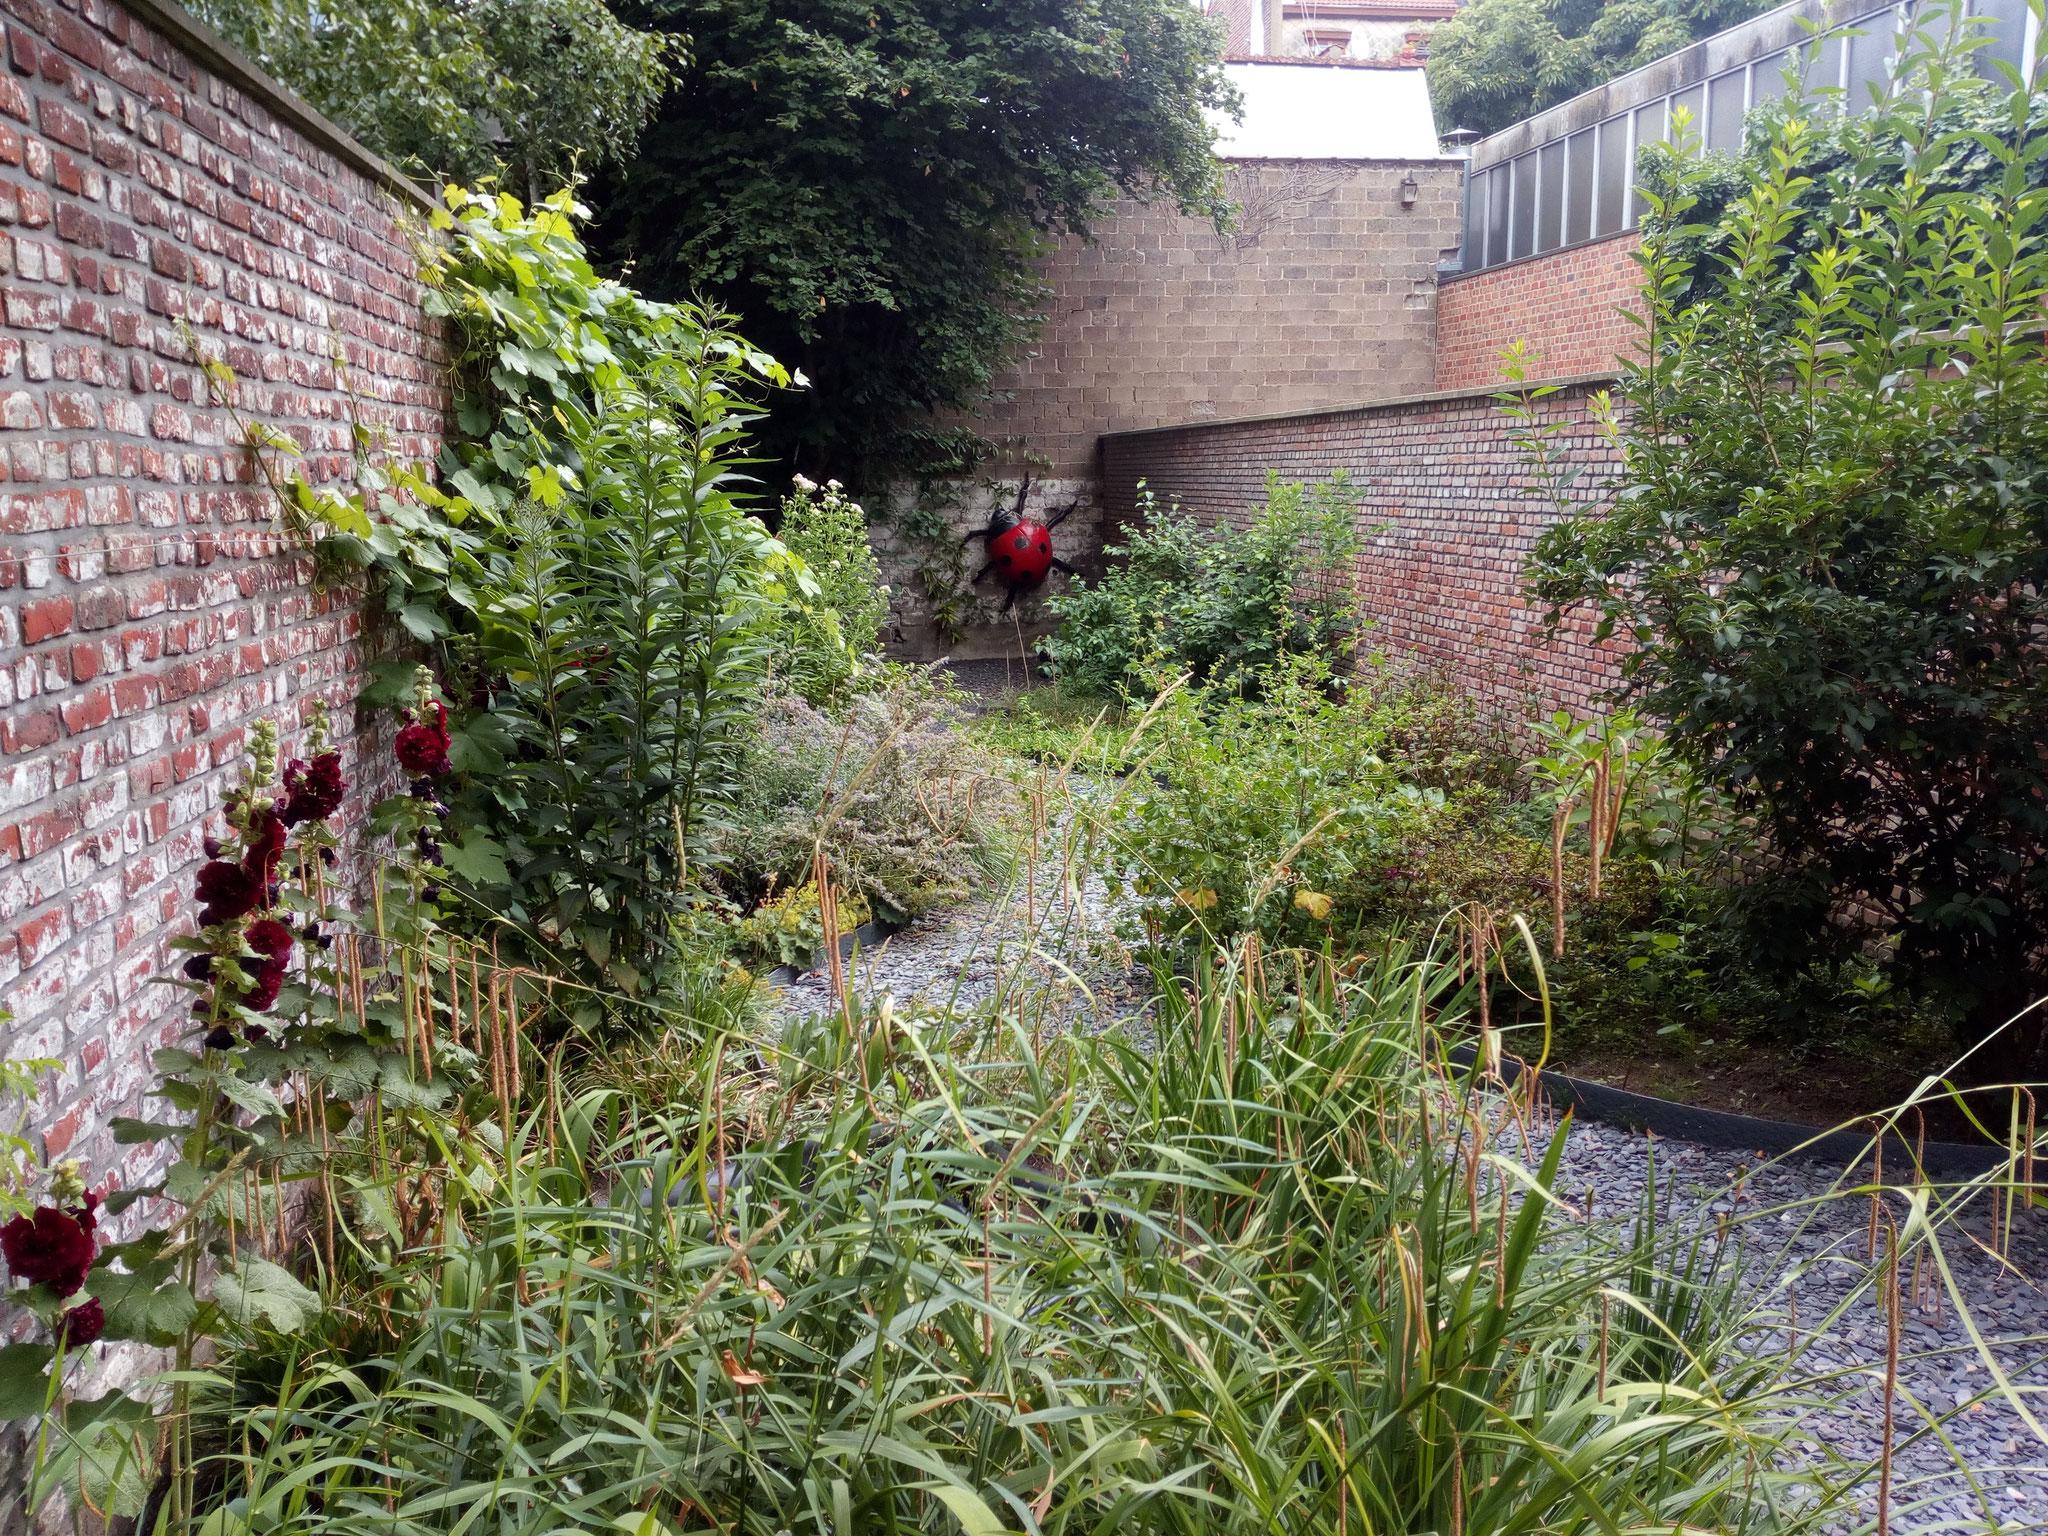 Jardin de ville 120m2 - Après 1 an. Amenagement jardin Bruxelles